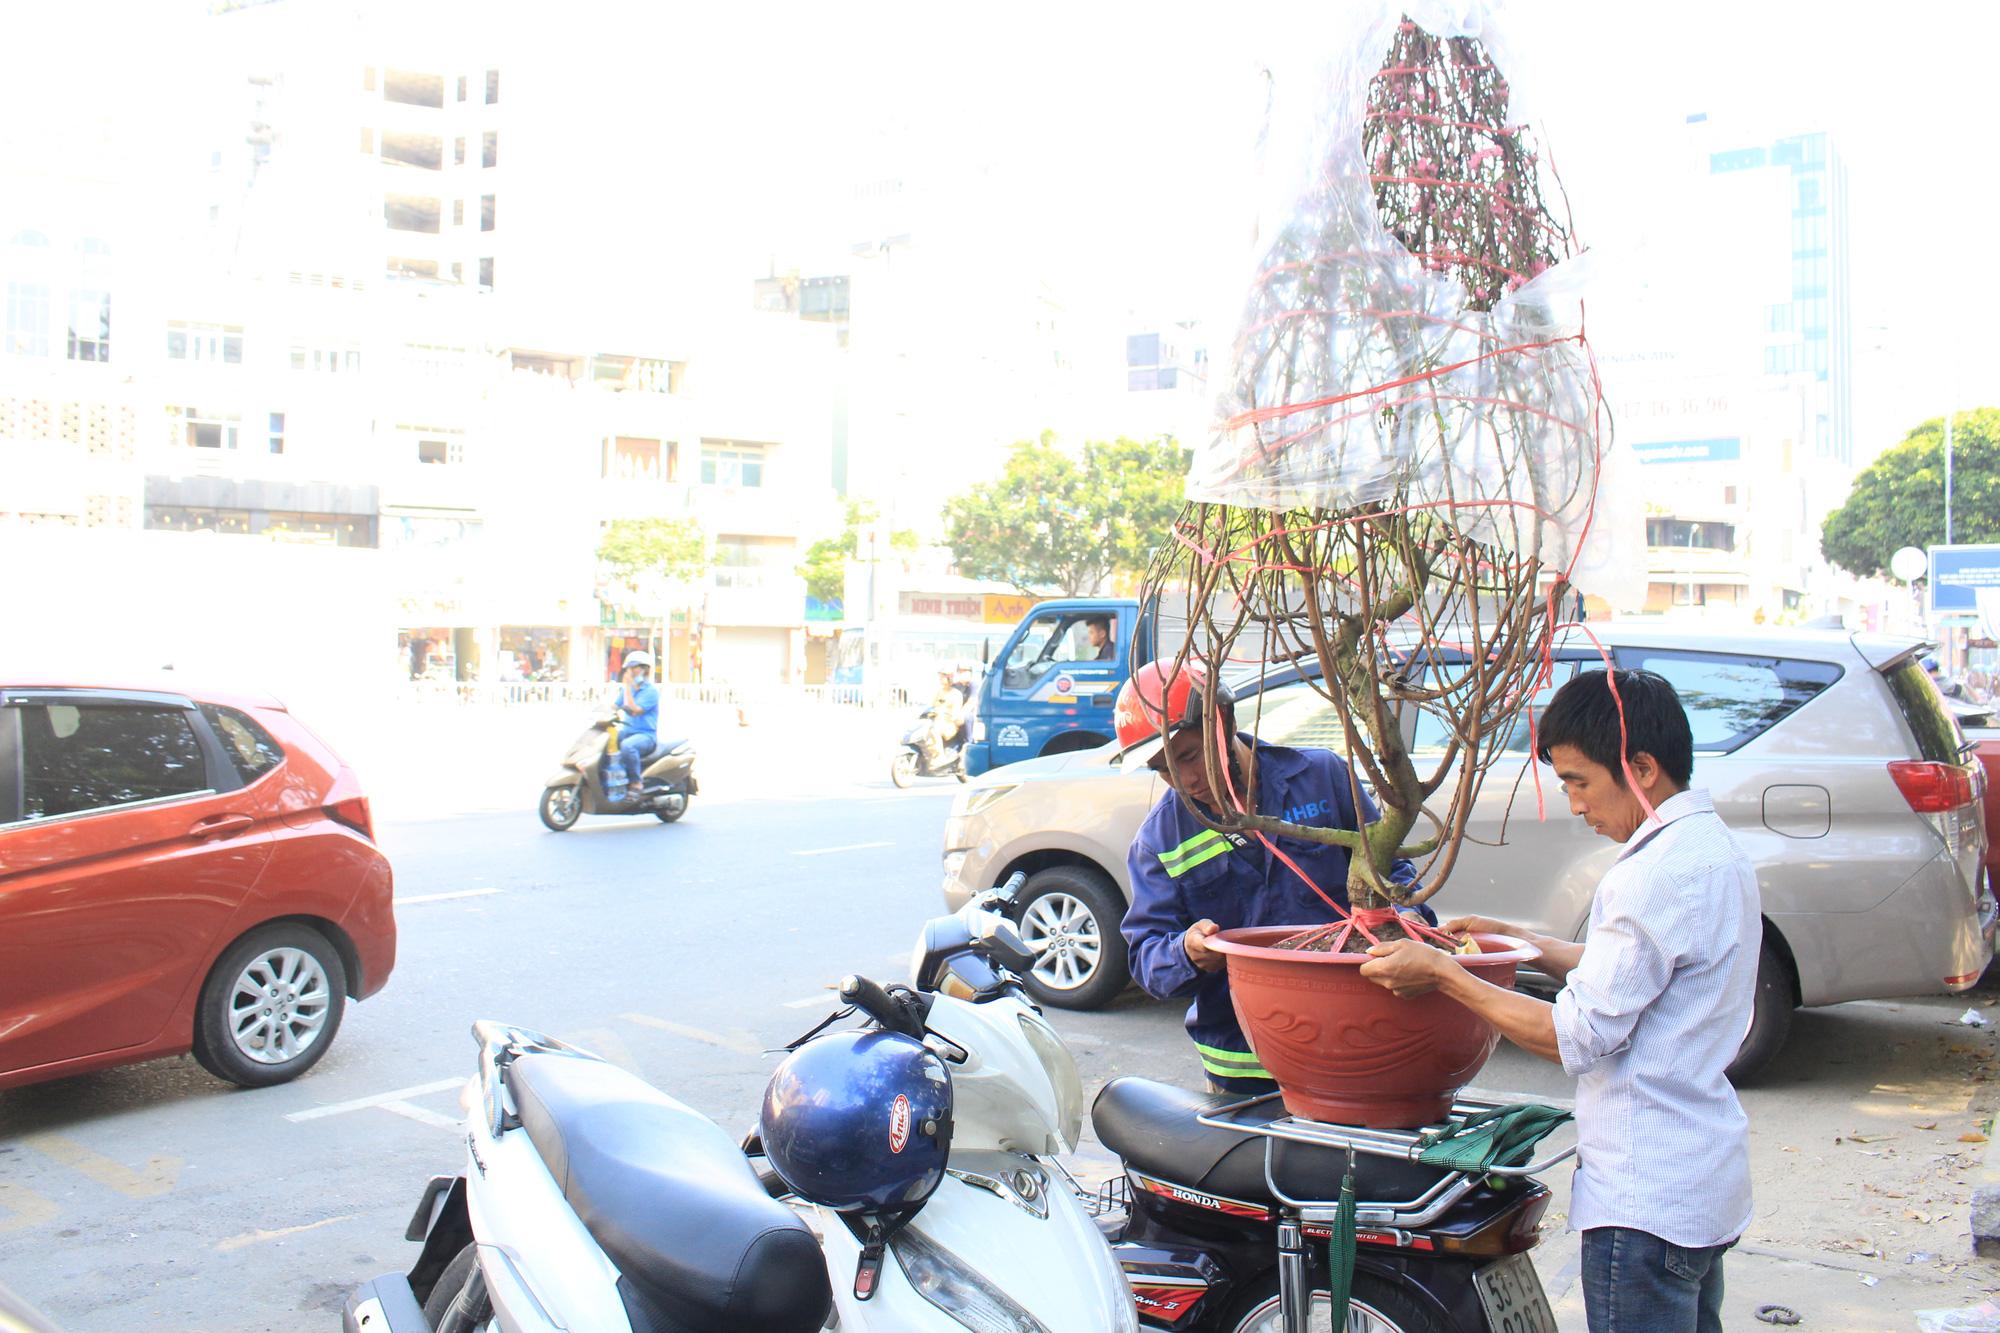 28 Tết, đào Nhật Tân tại chợ hoa Sài Gòn bắt đầu giảm giá, thuận mua vừa bán nên hút khách - Ảnh 9.